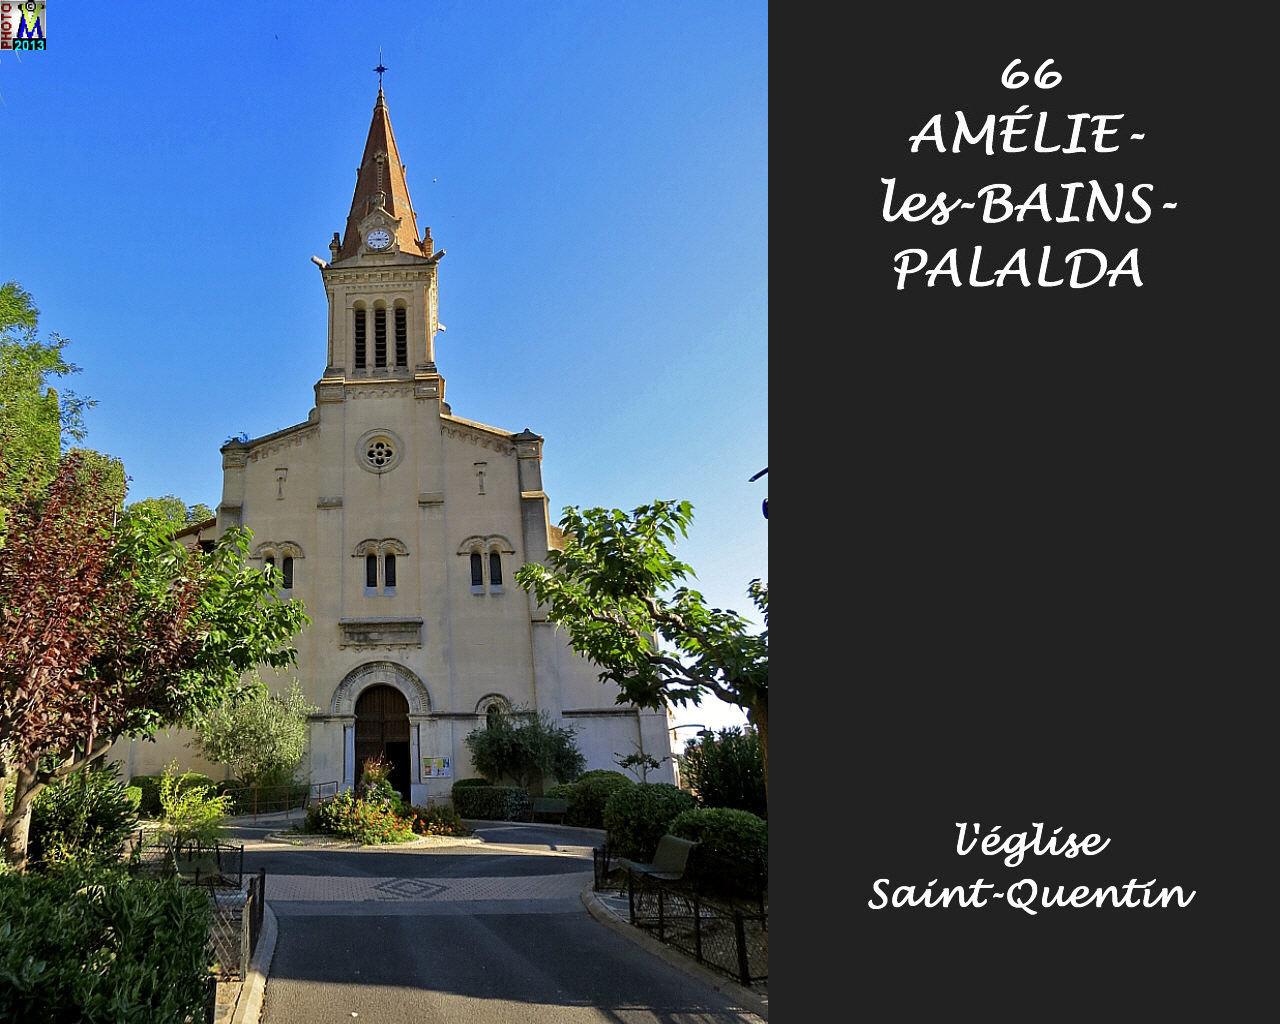 Pyrenees orientales photos de la commune deam lie les - Office de tourisme amelie les bains ...